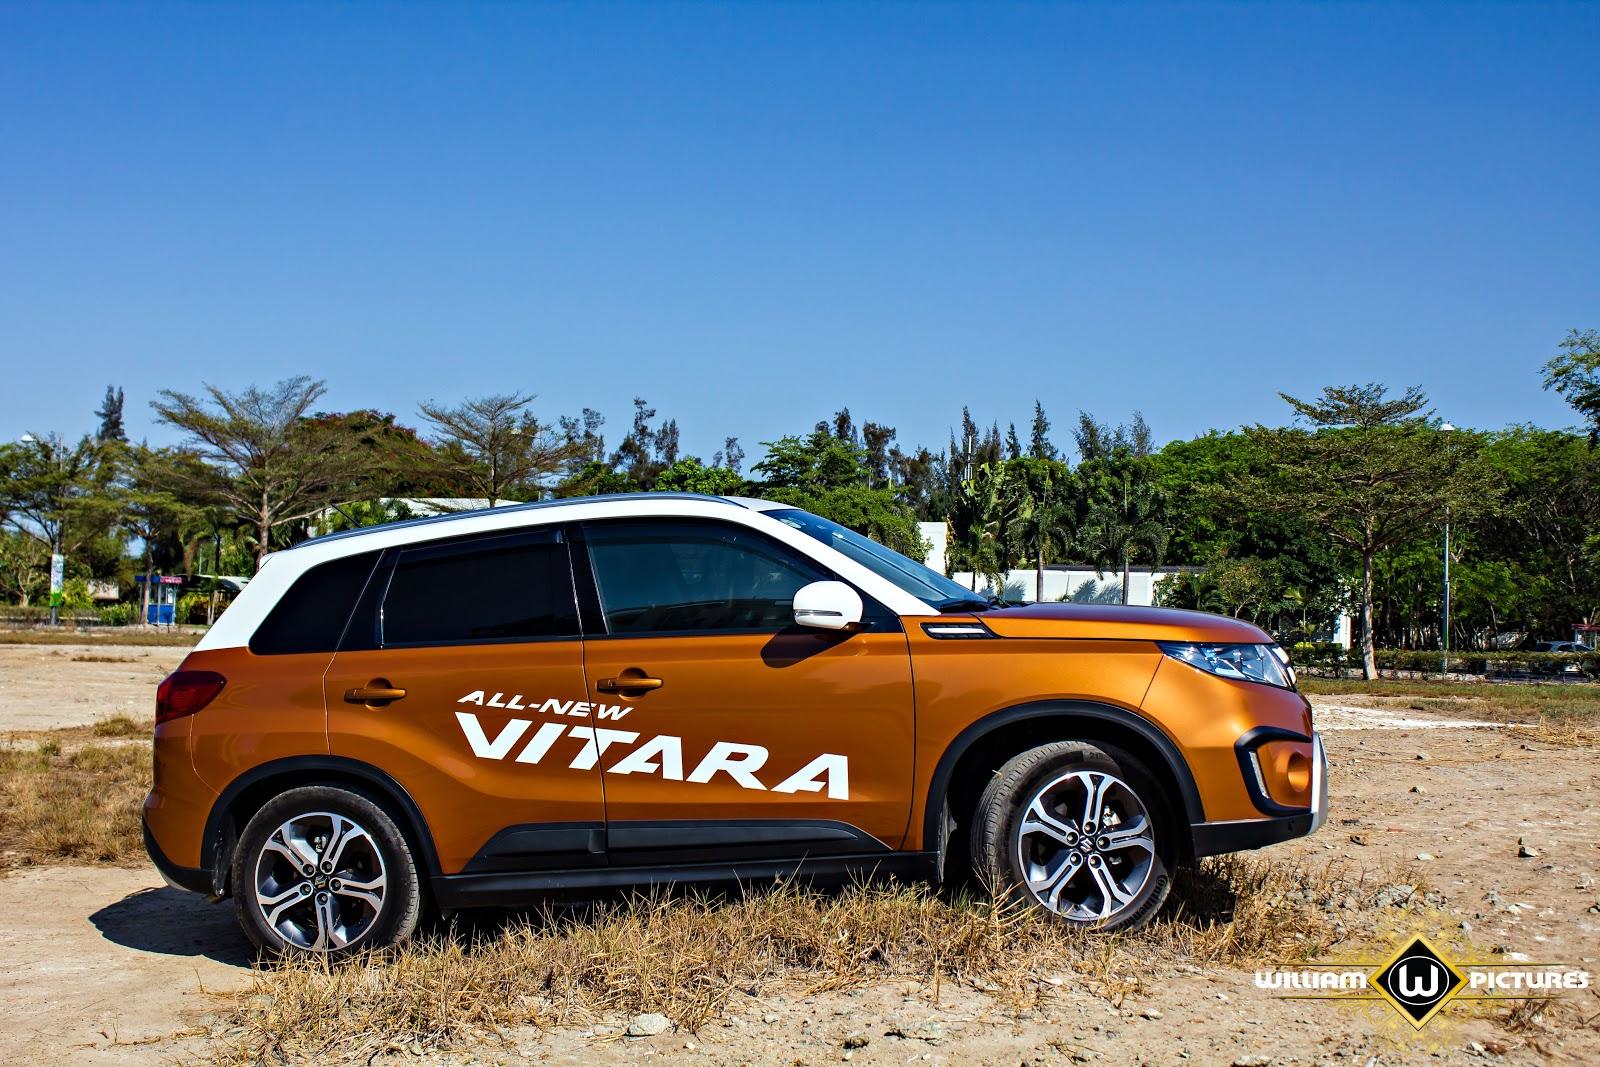 Với nhiều thay đổi vượt bậc, hứa hẹn sẽ mang Suzuki Vitara trở lại một cách ngoạn mục